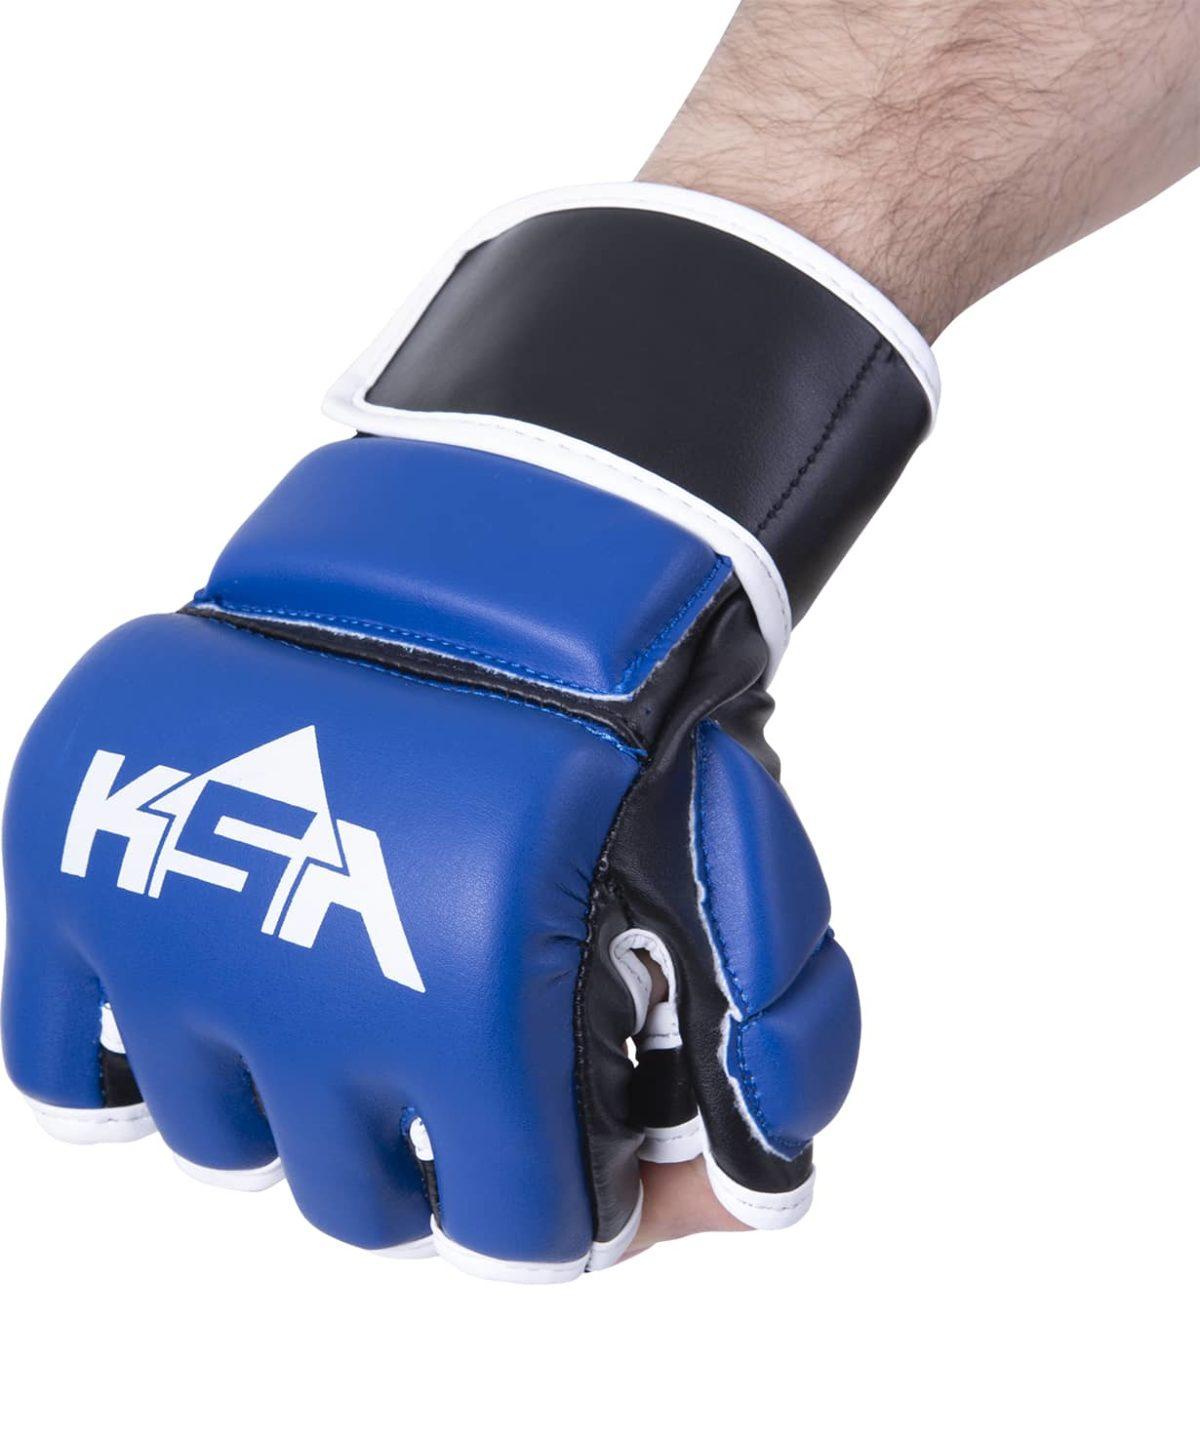 KSA Перчатки для ММА Wasp Blue, к/з 7850 - 2